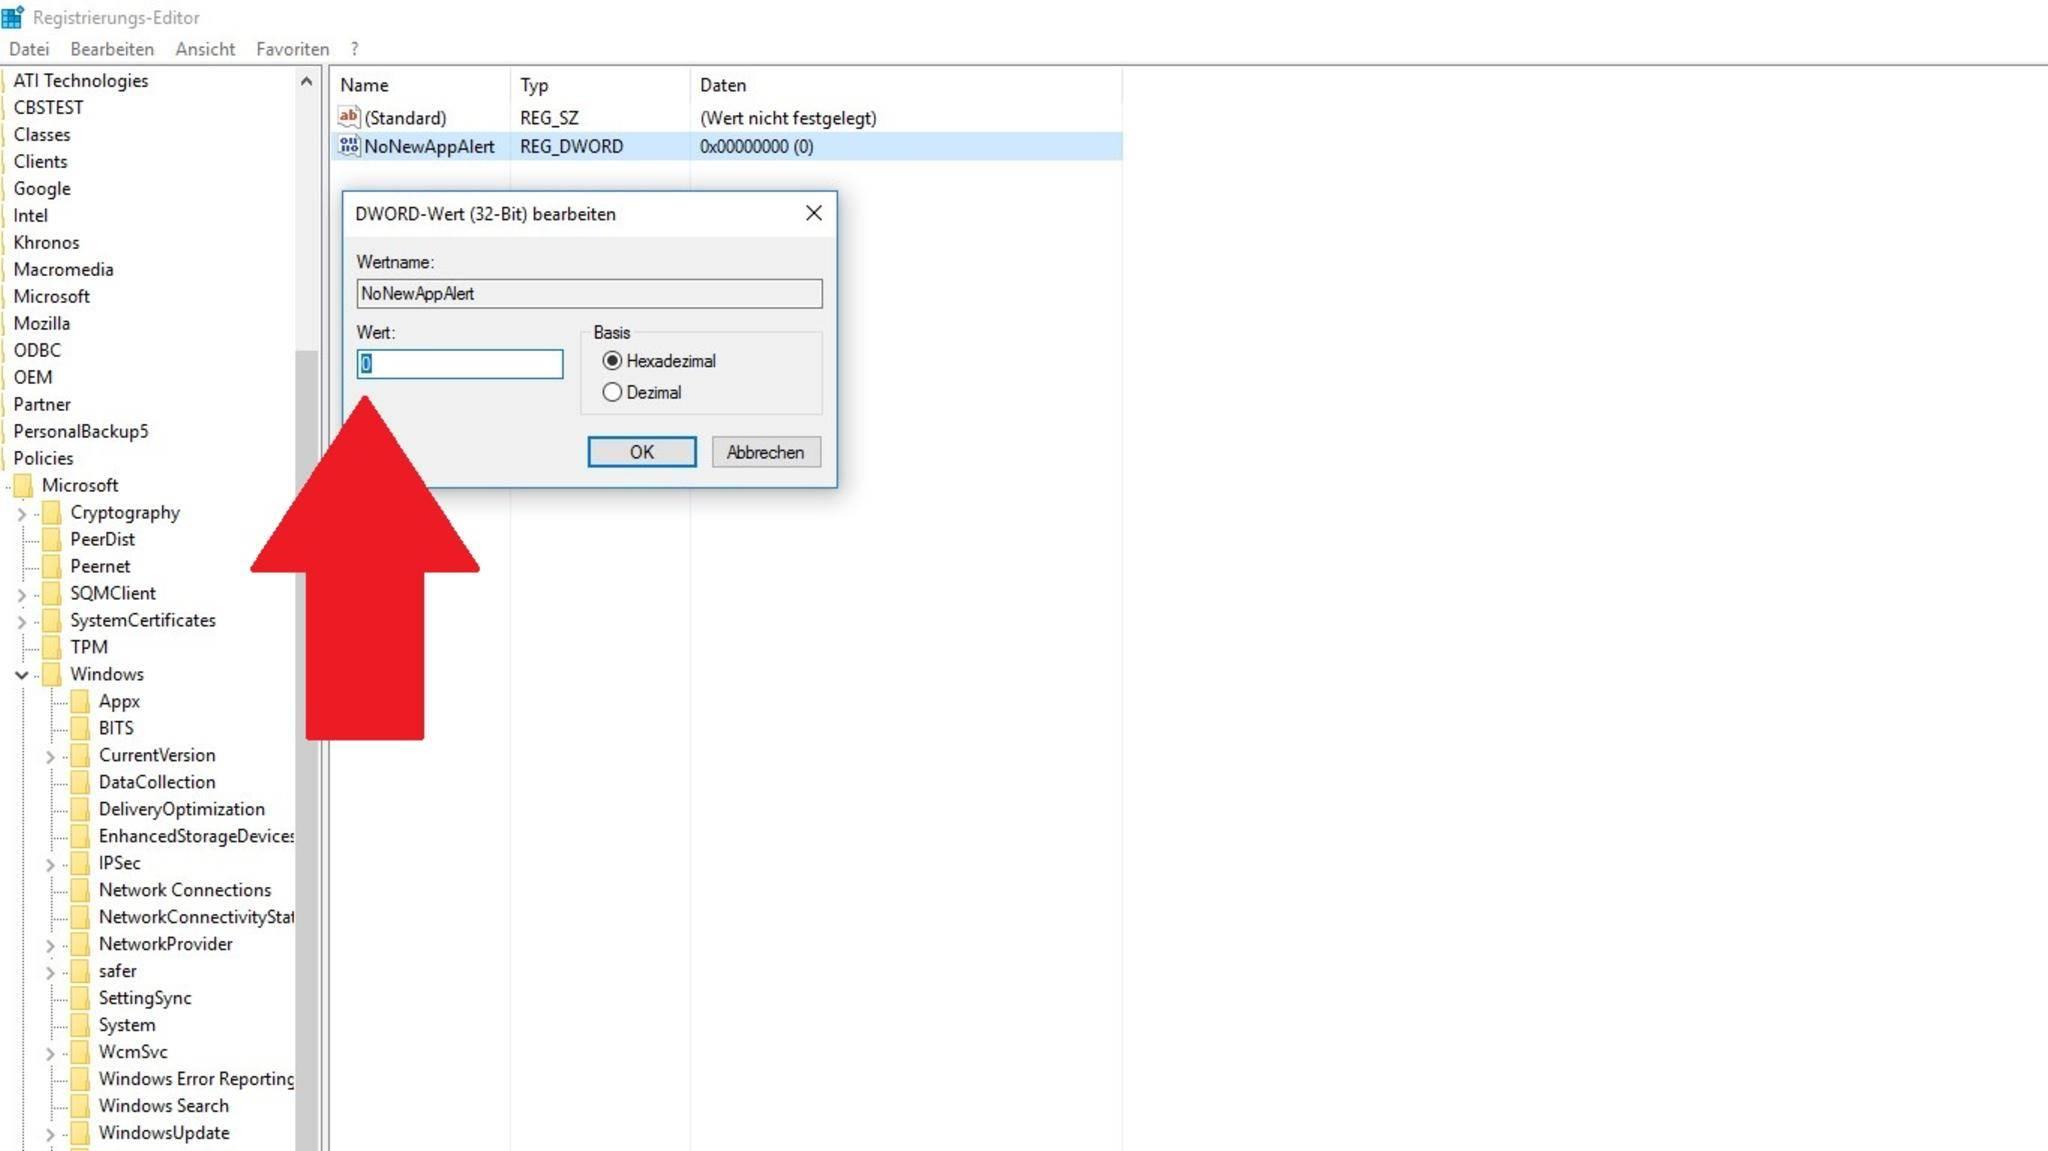 Mit einem Eingriff in die Registry wirst Du die Benachrichtigungen komplett los.